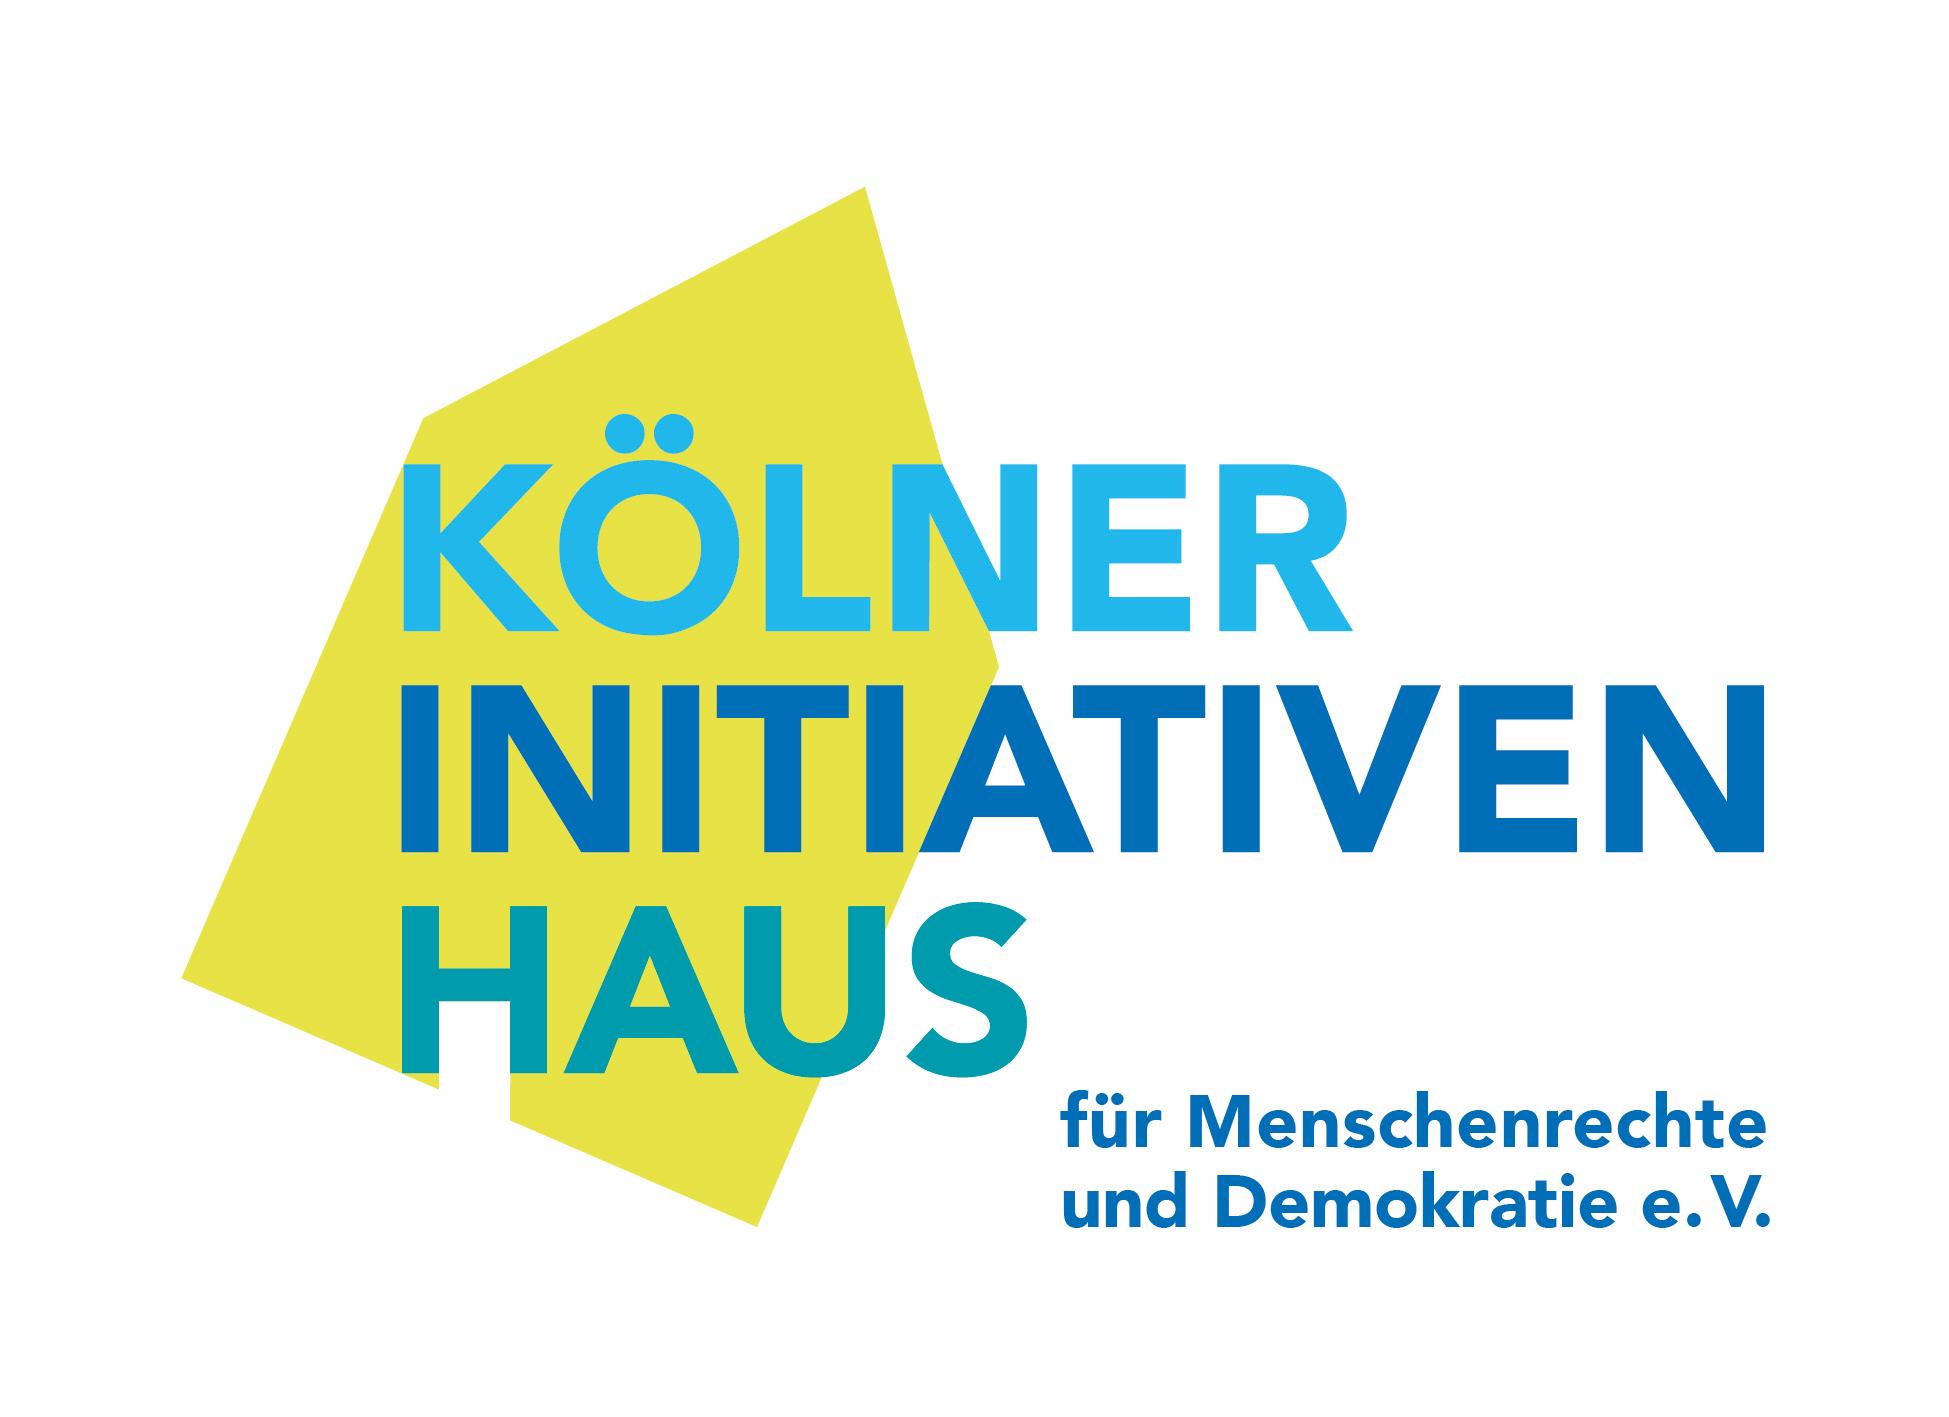 Initiativenhaus für Menschenrechte und Demokratie e.V.